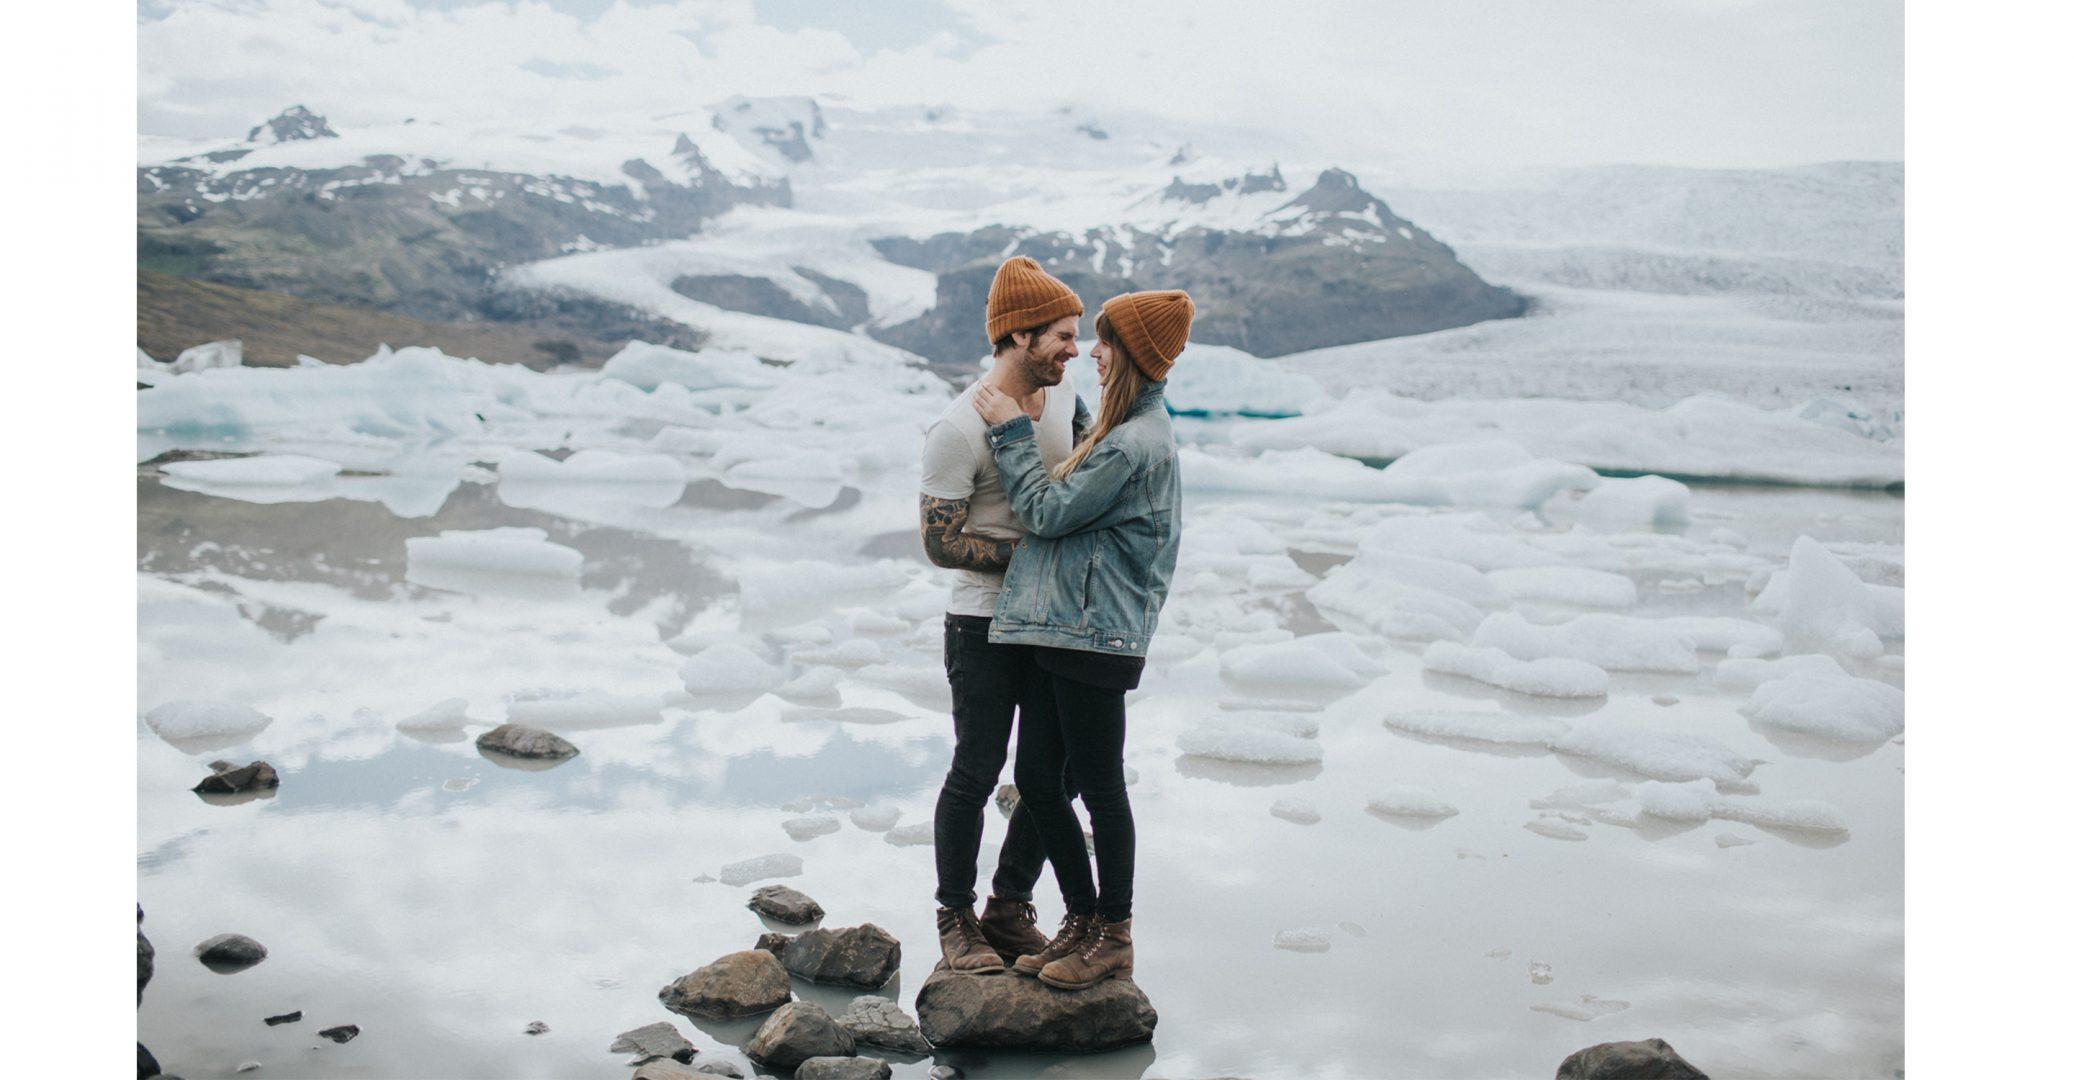 nyc based travel photographer vik iceland glacier lagoon engagement